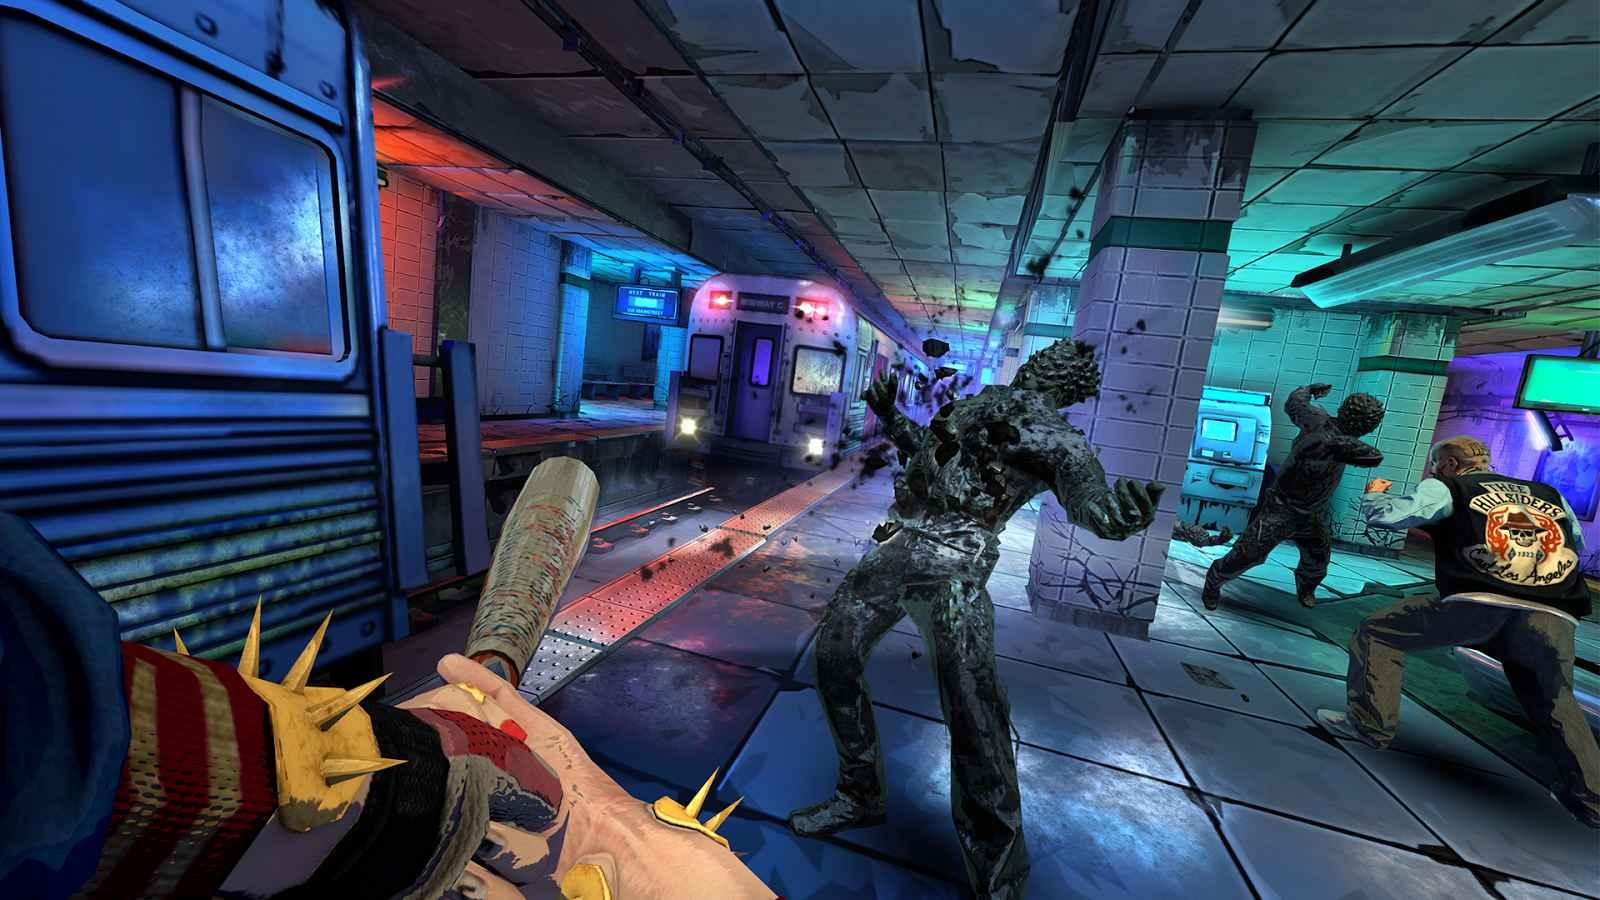 دانلود بازی خودکشی عملیات ویژه Suicide Squad: Special Ops v1.0 اندروید